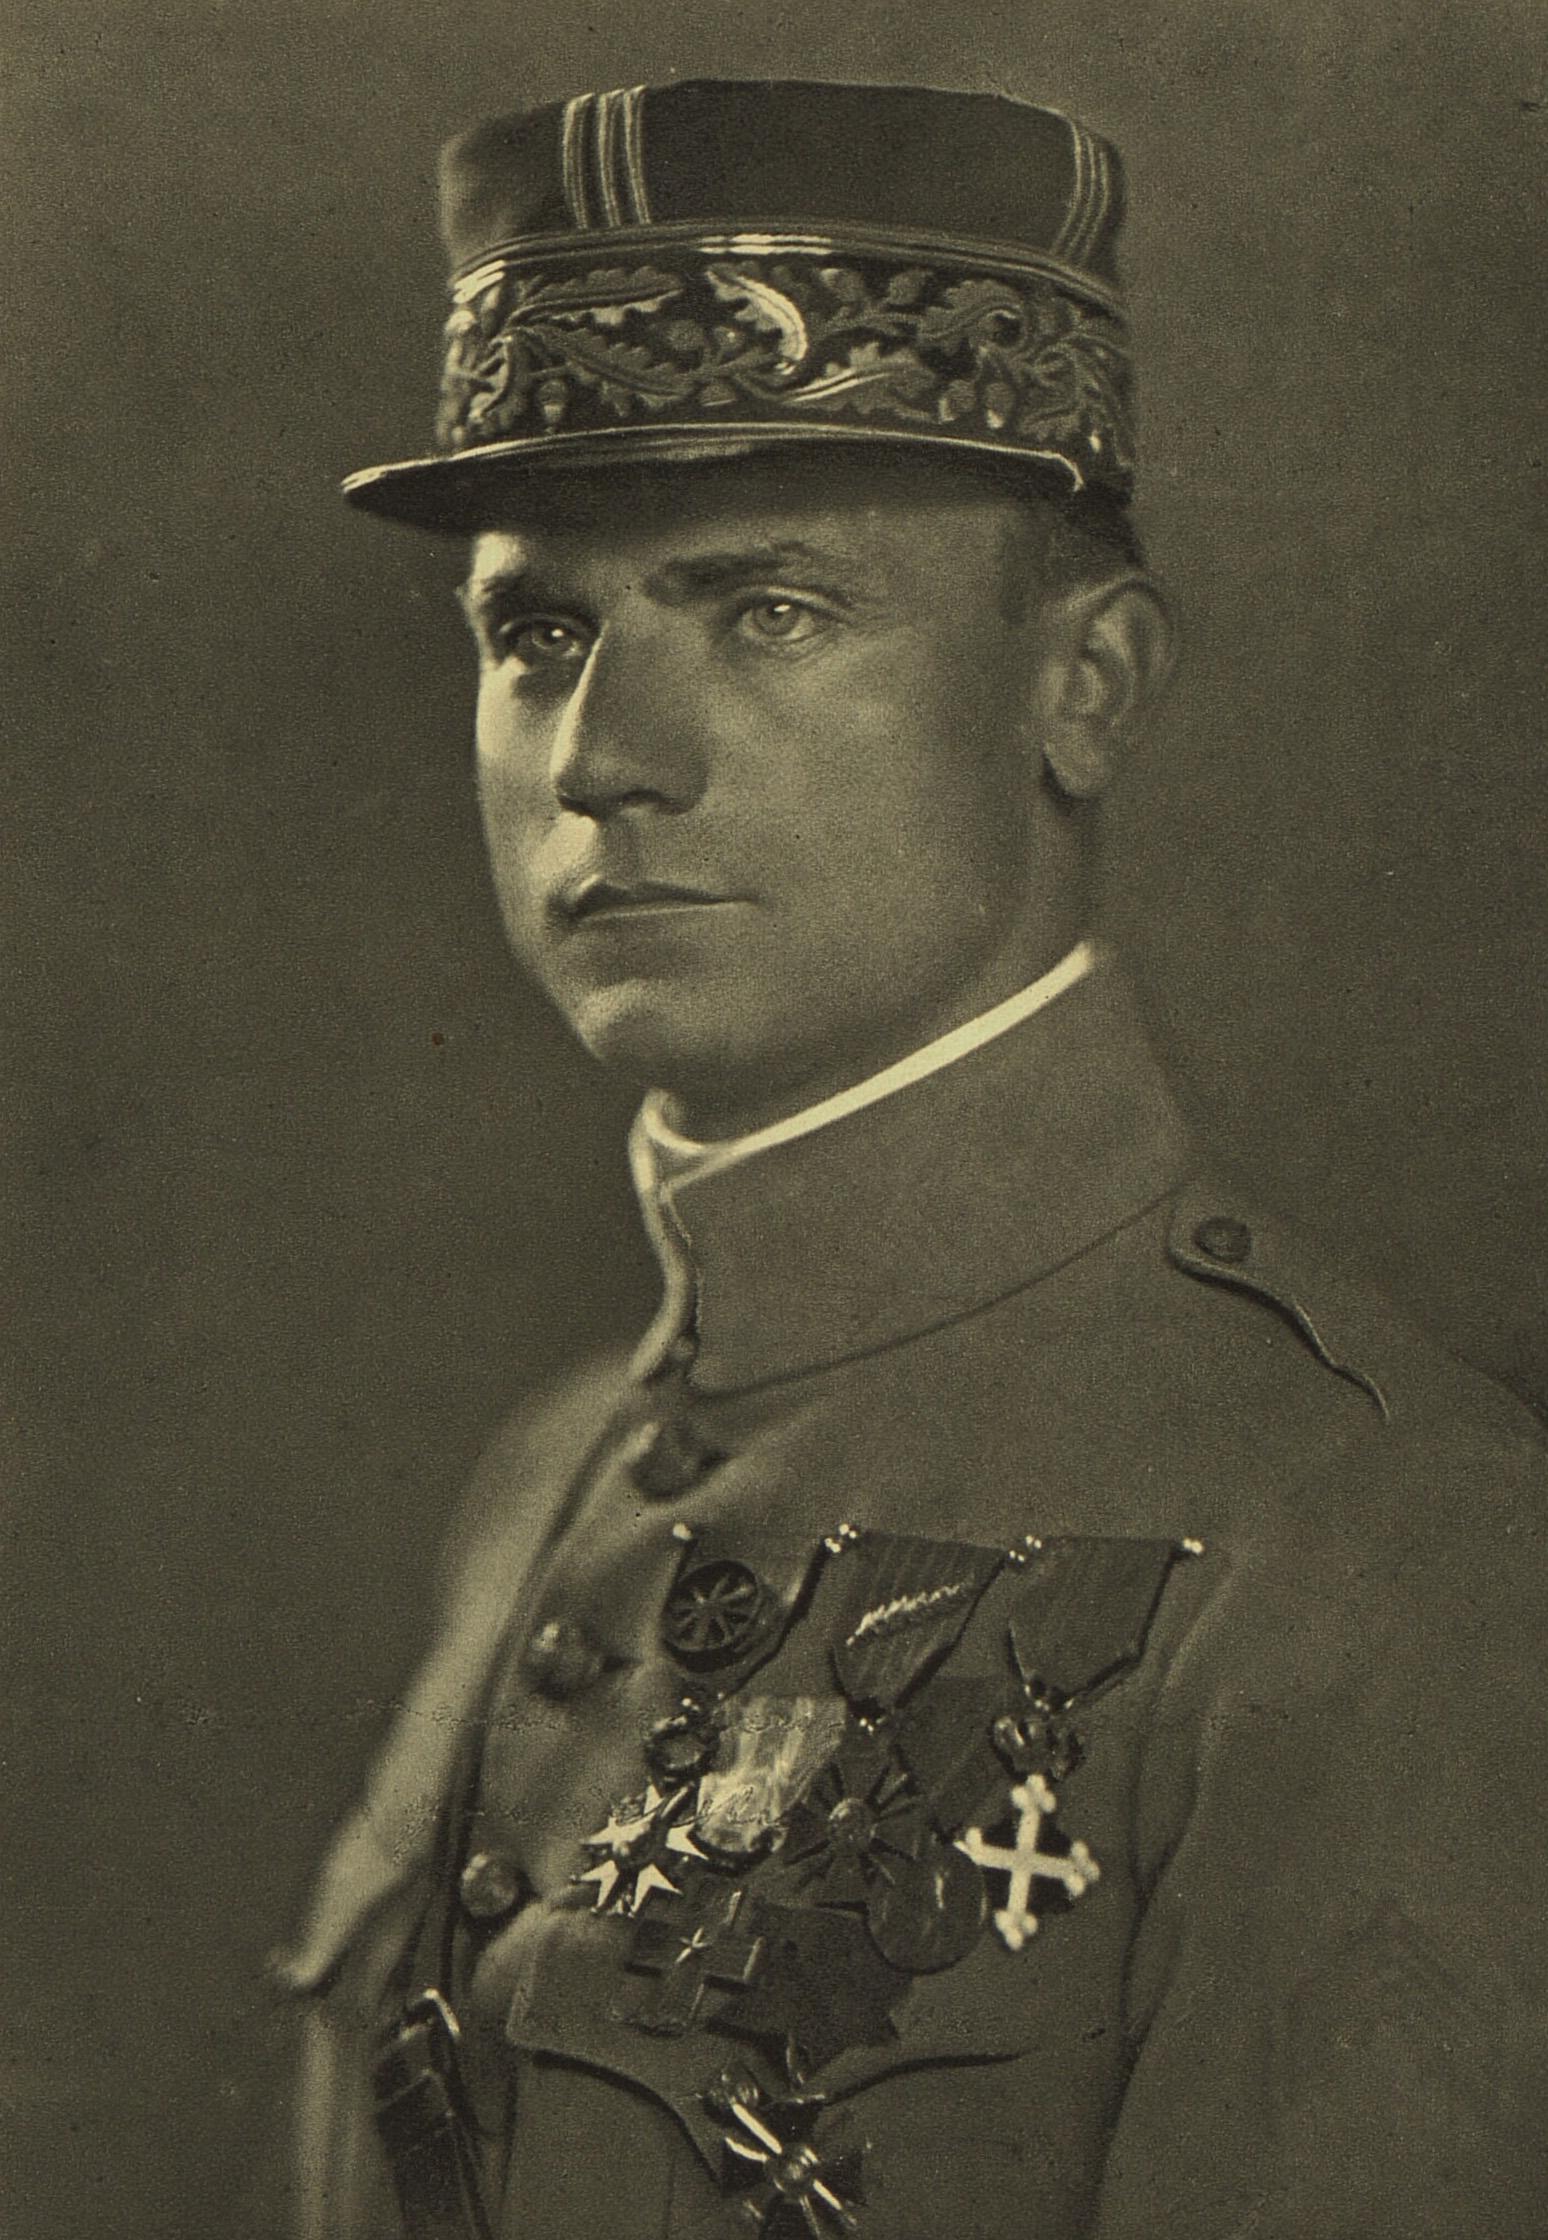 Image of Milan Rastislav Štefánik from Wikidata